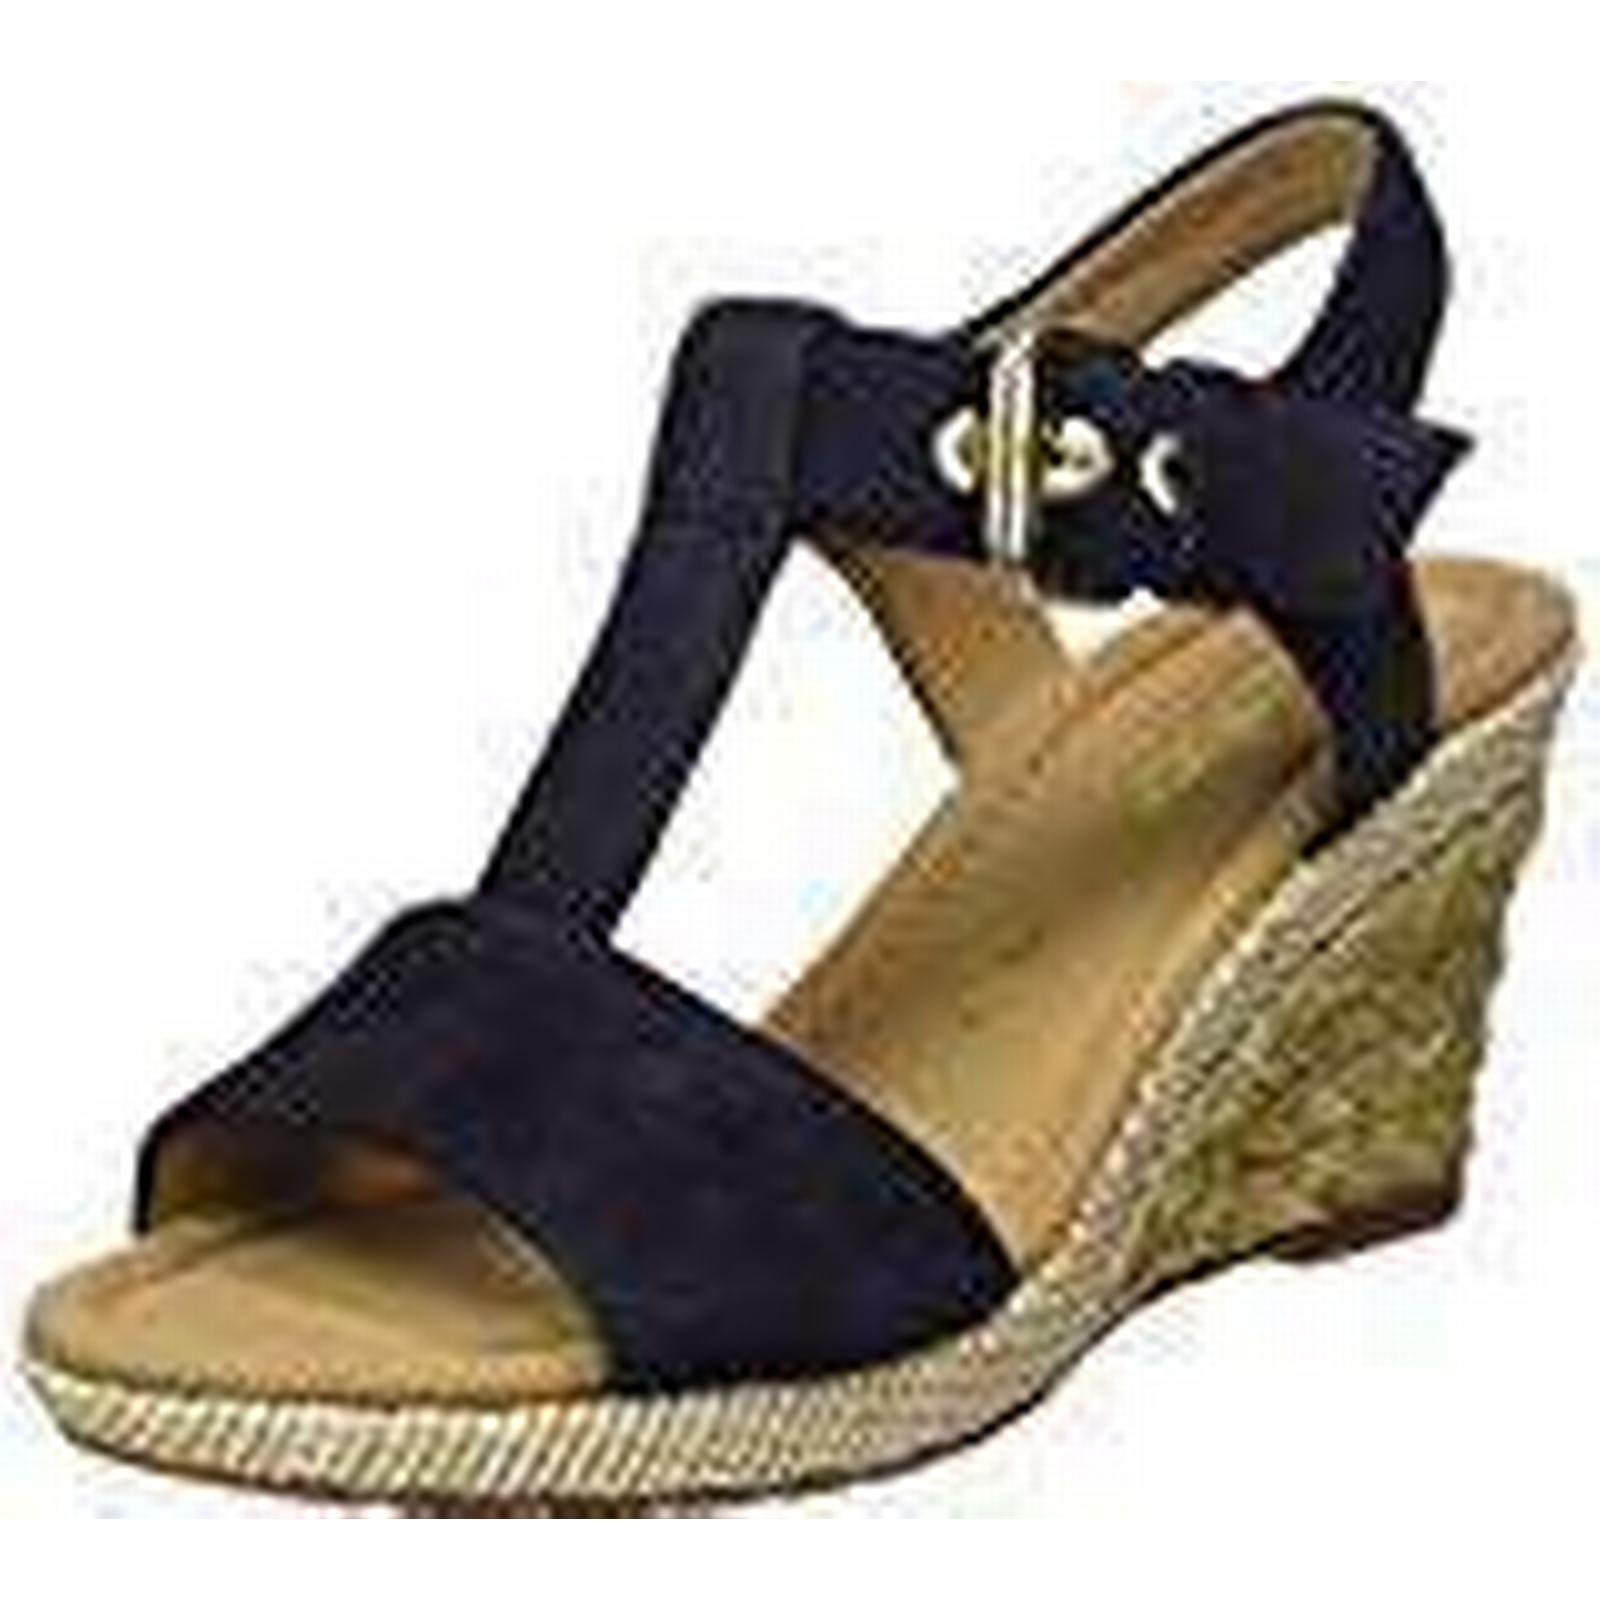 Gabor Shoes Women's Comfort Sport Ankle Strap 6.5 Sandals, Blue (Pazifik Bast), 6.5 Strap UK (40 EU) 7eb369